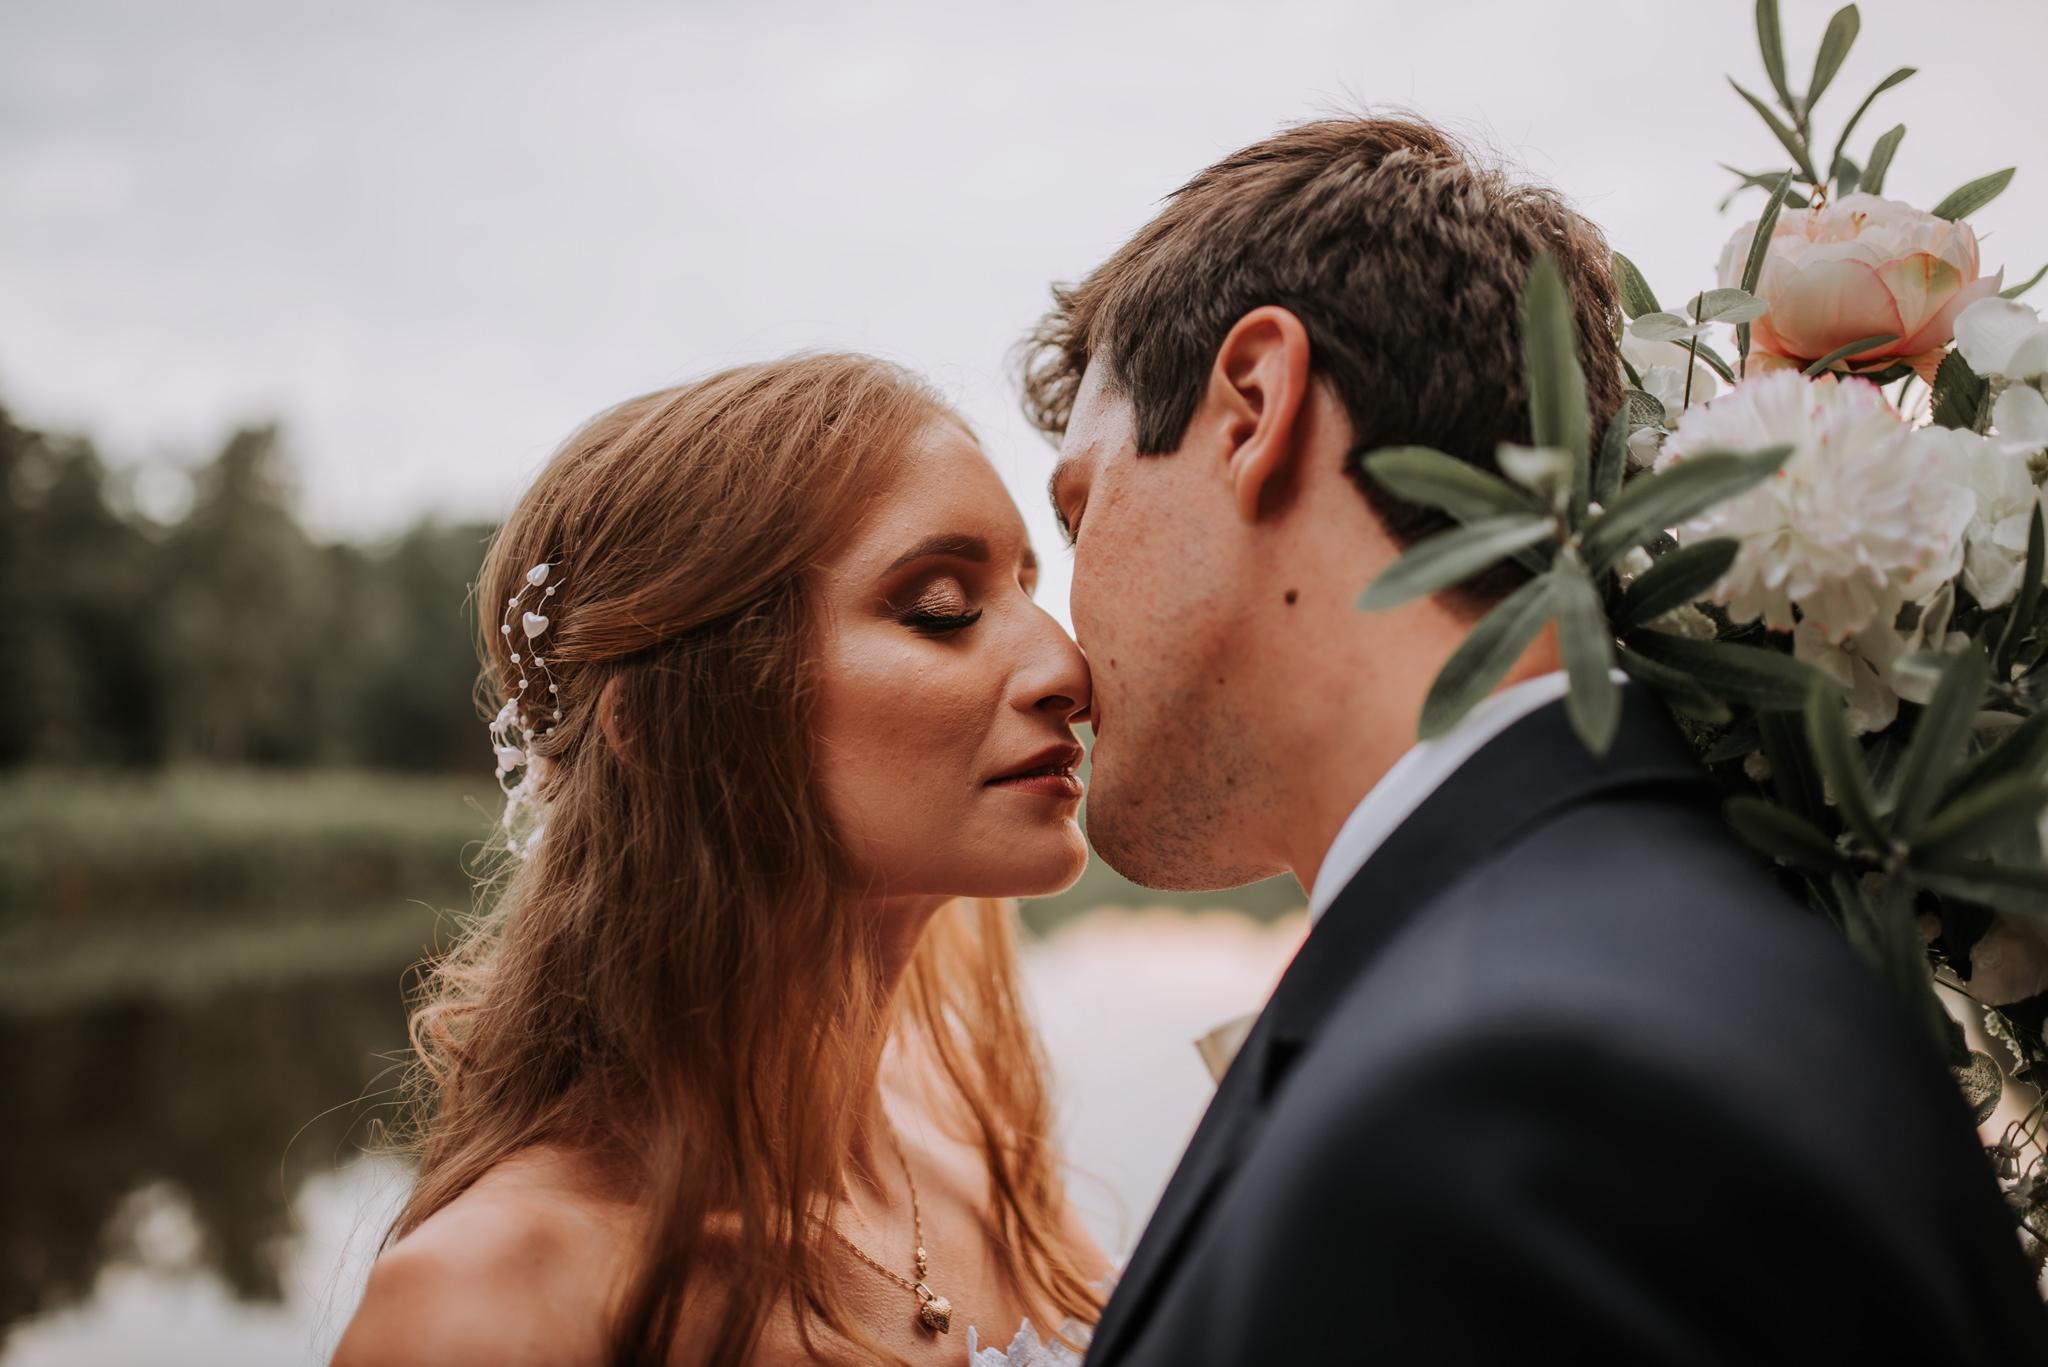 sesja ślubna kielce fotograf ślubny kielce iwona tomek magia